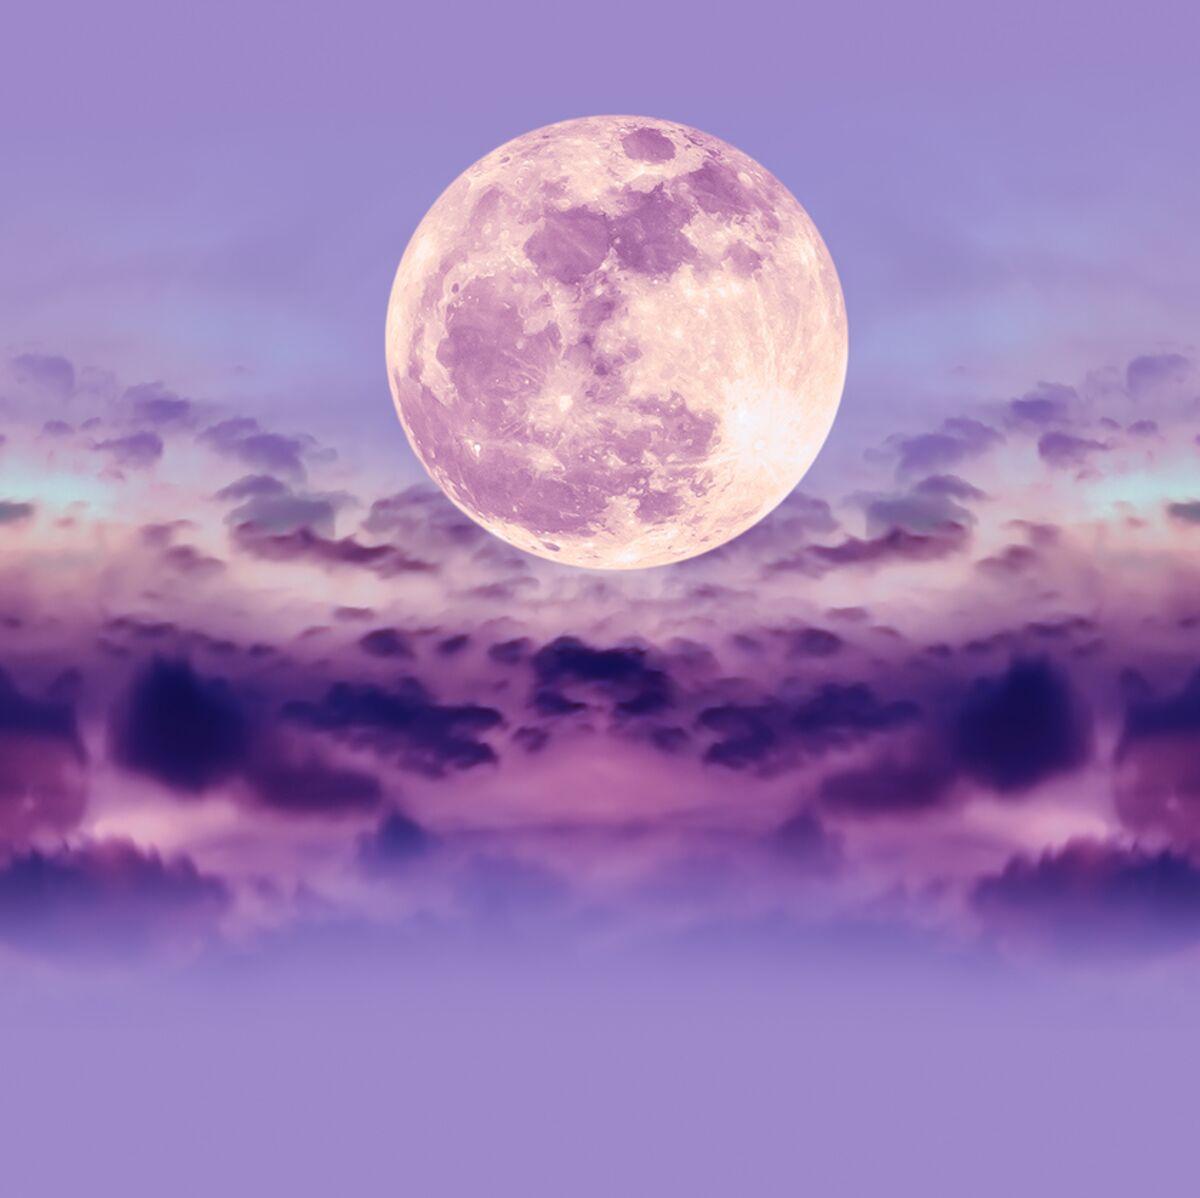 Calendrier Lunaire 2021 Les Dates De Pleine Lune Et De Nouvelle Lune A Retenir Femme Actuelle Le Mag